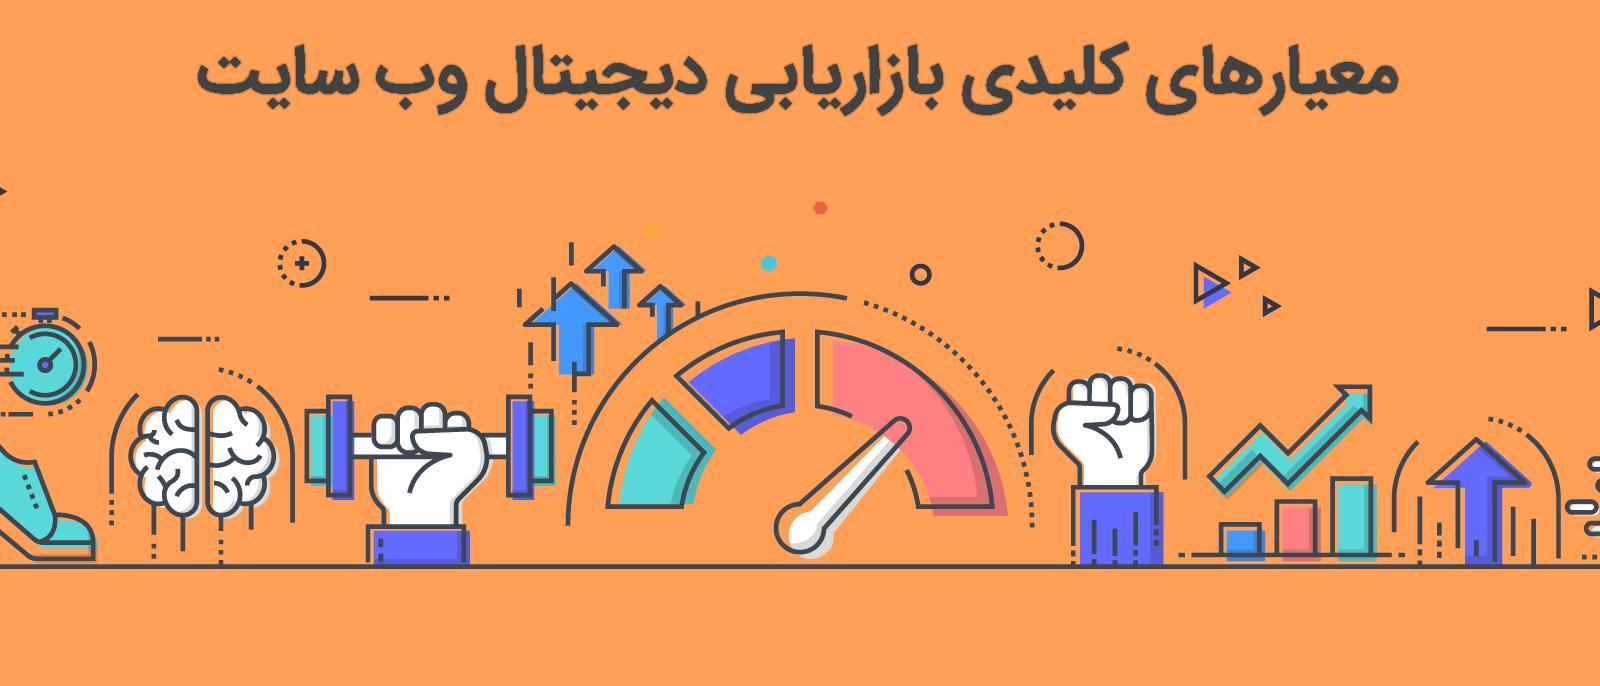 معیارهای کلیدی بازاریابی دیجیتال وب سایت